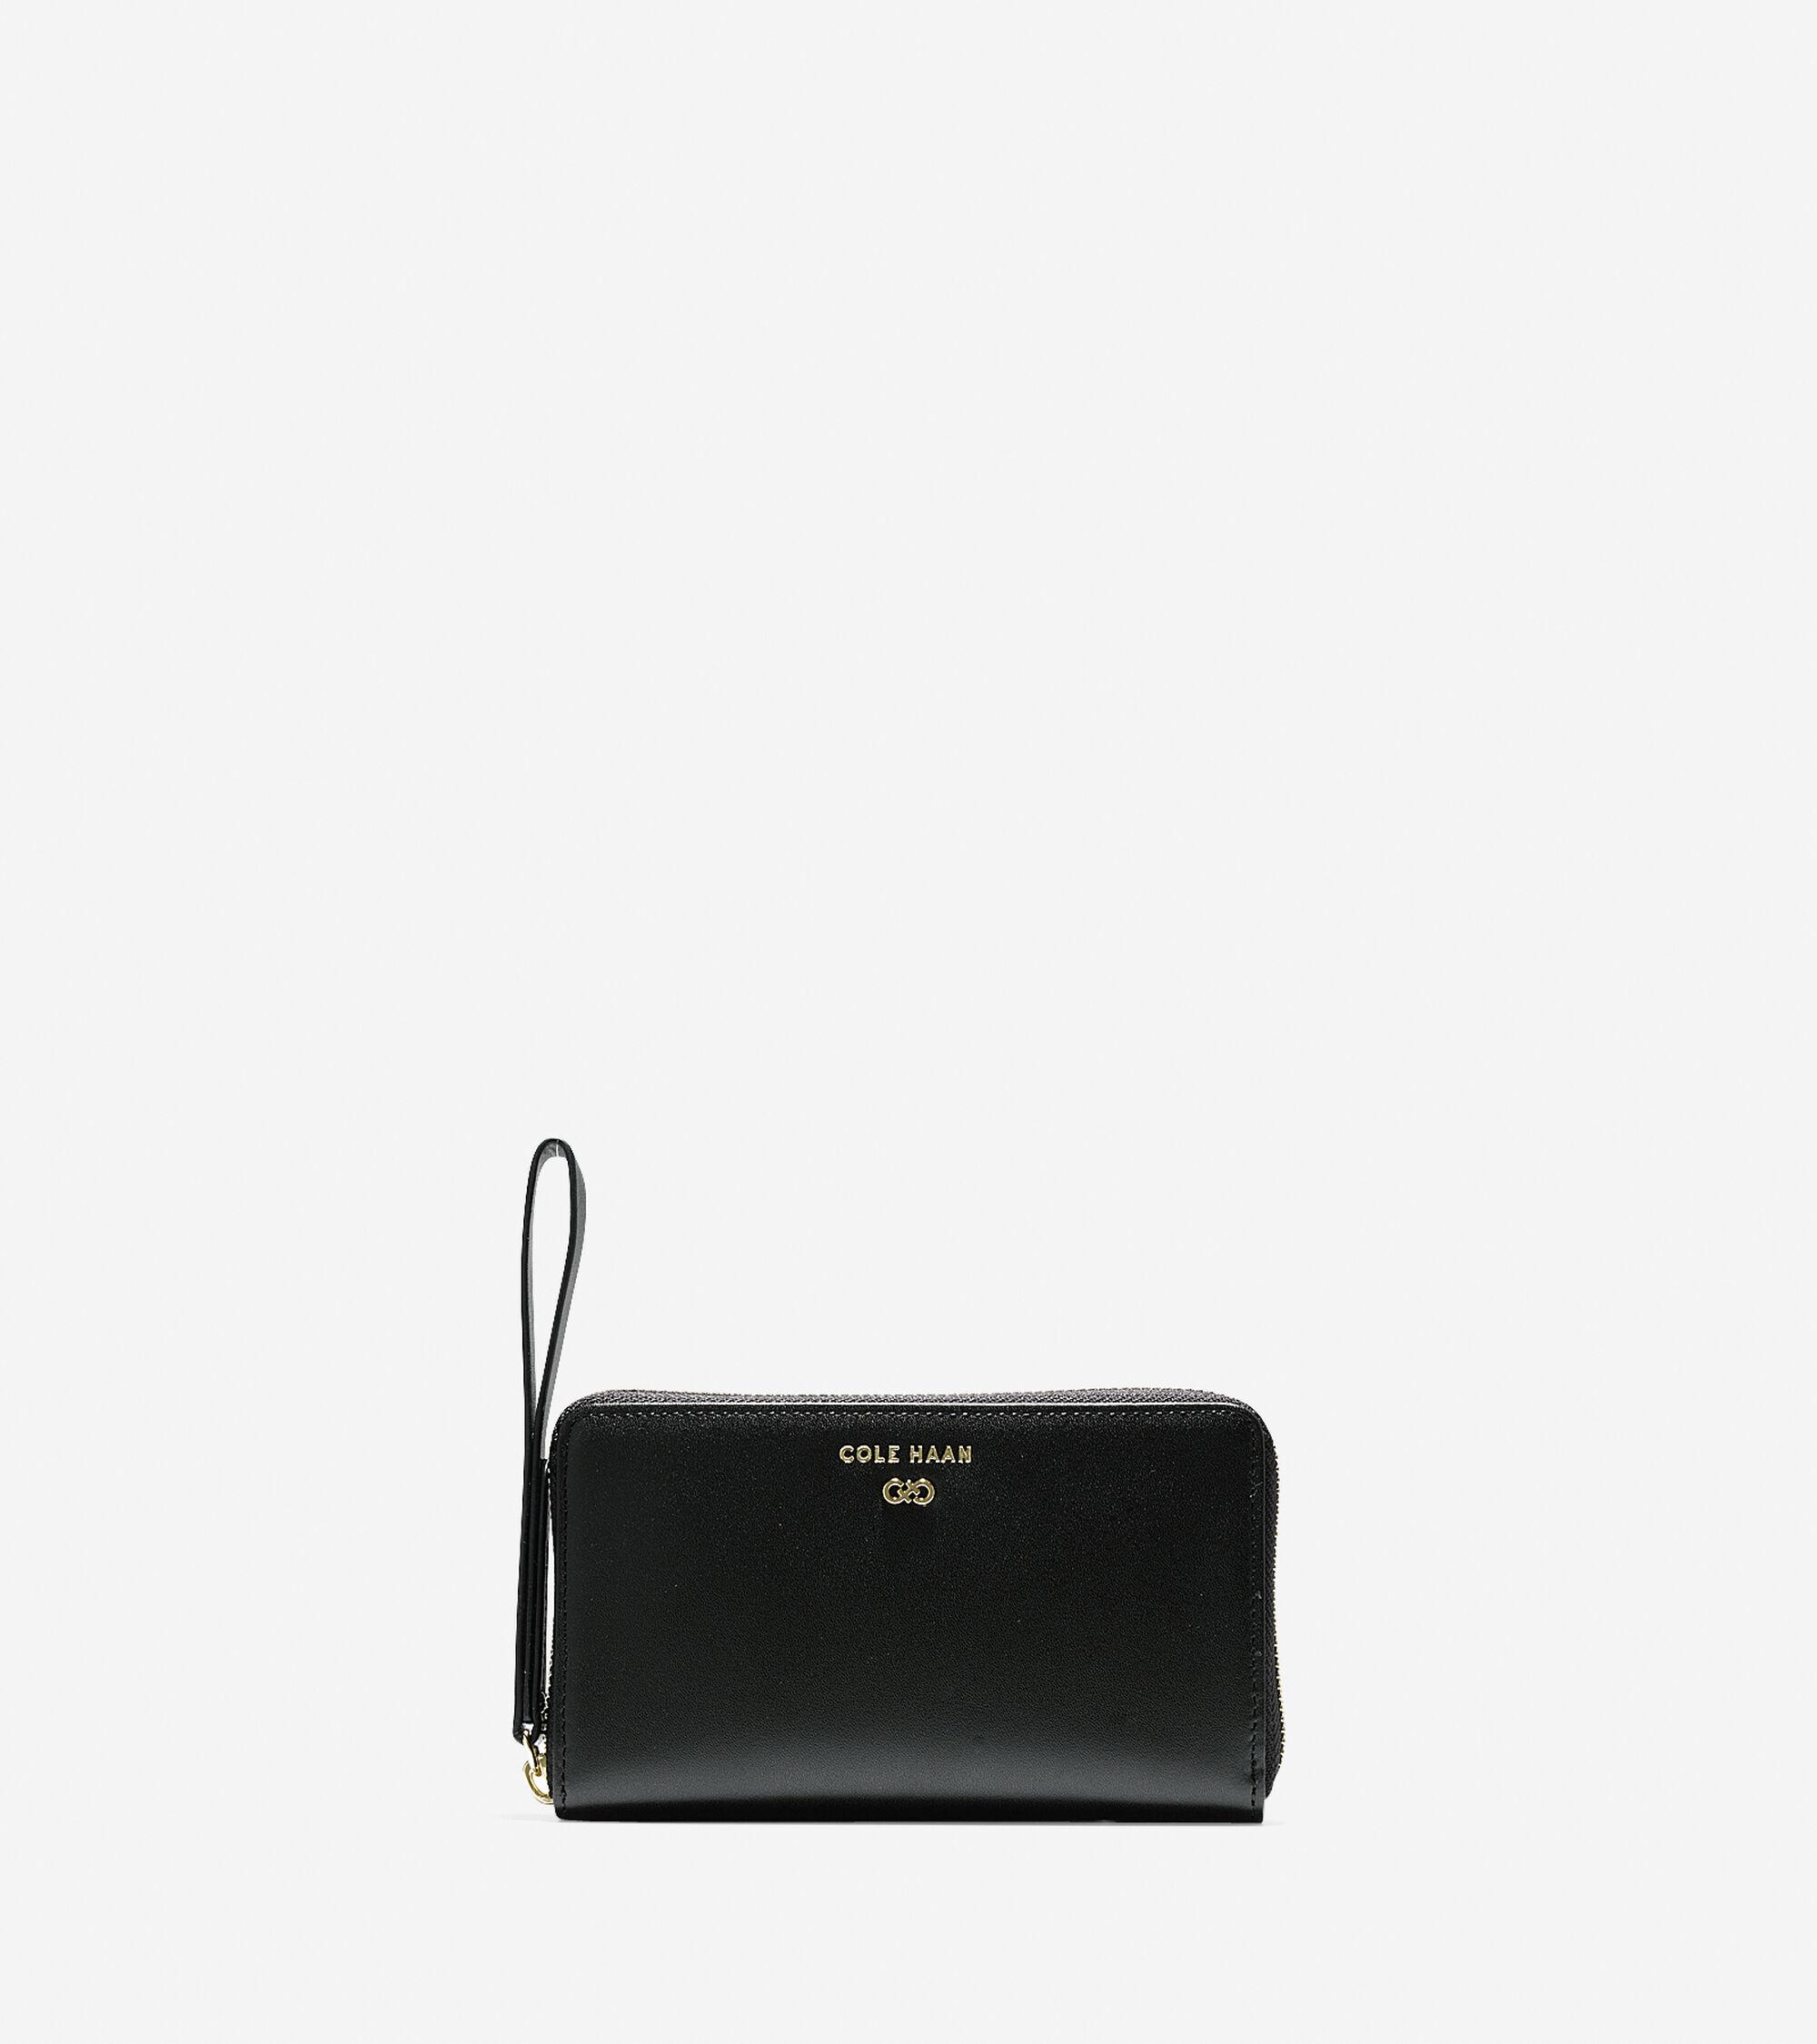 Accessories > Juliet Smart Phone Wallet